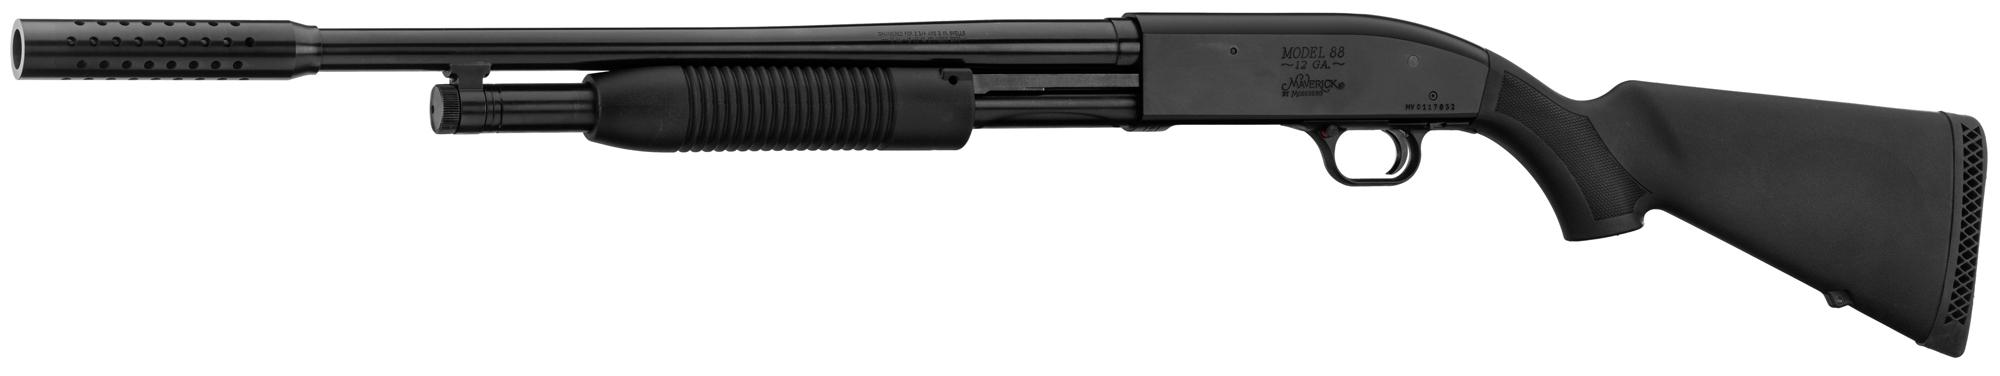 MV700B-3